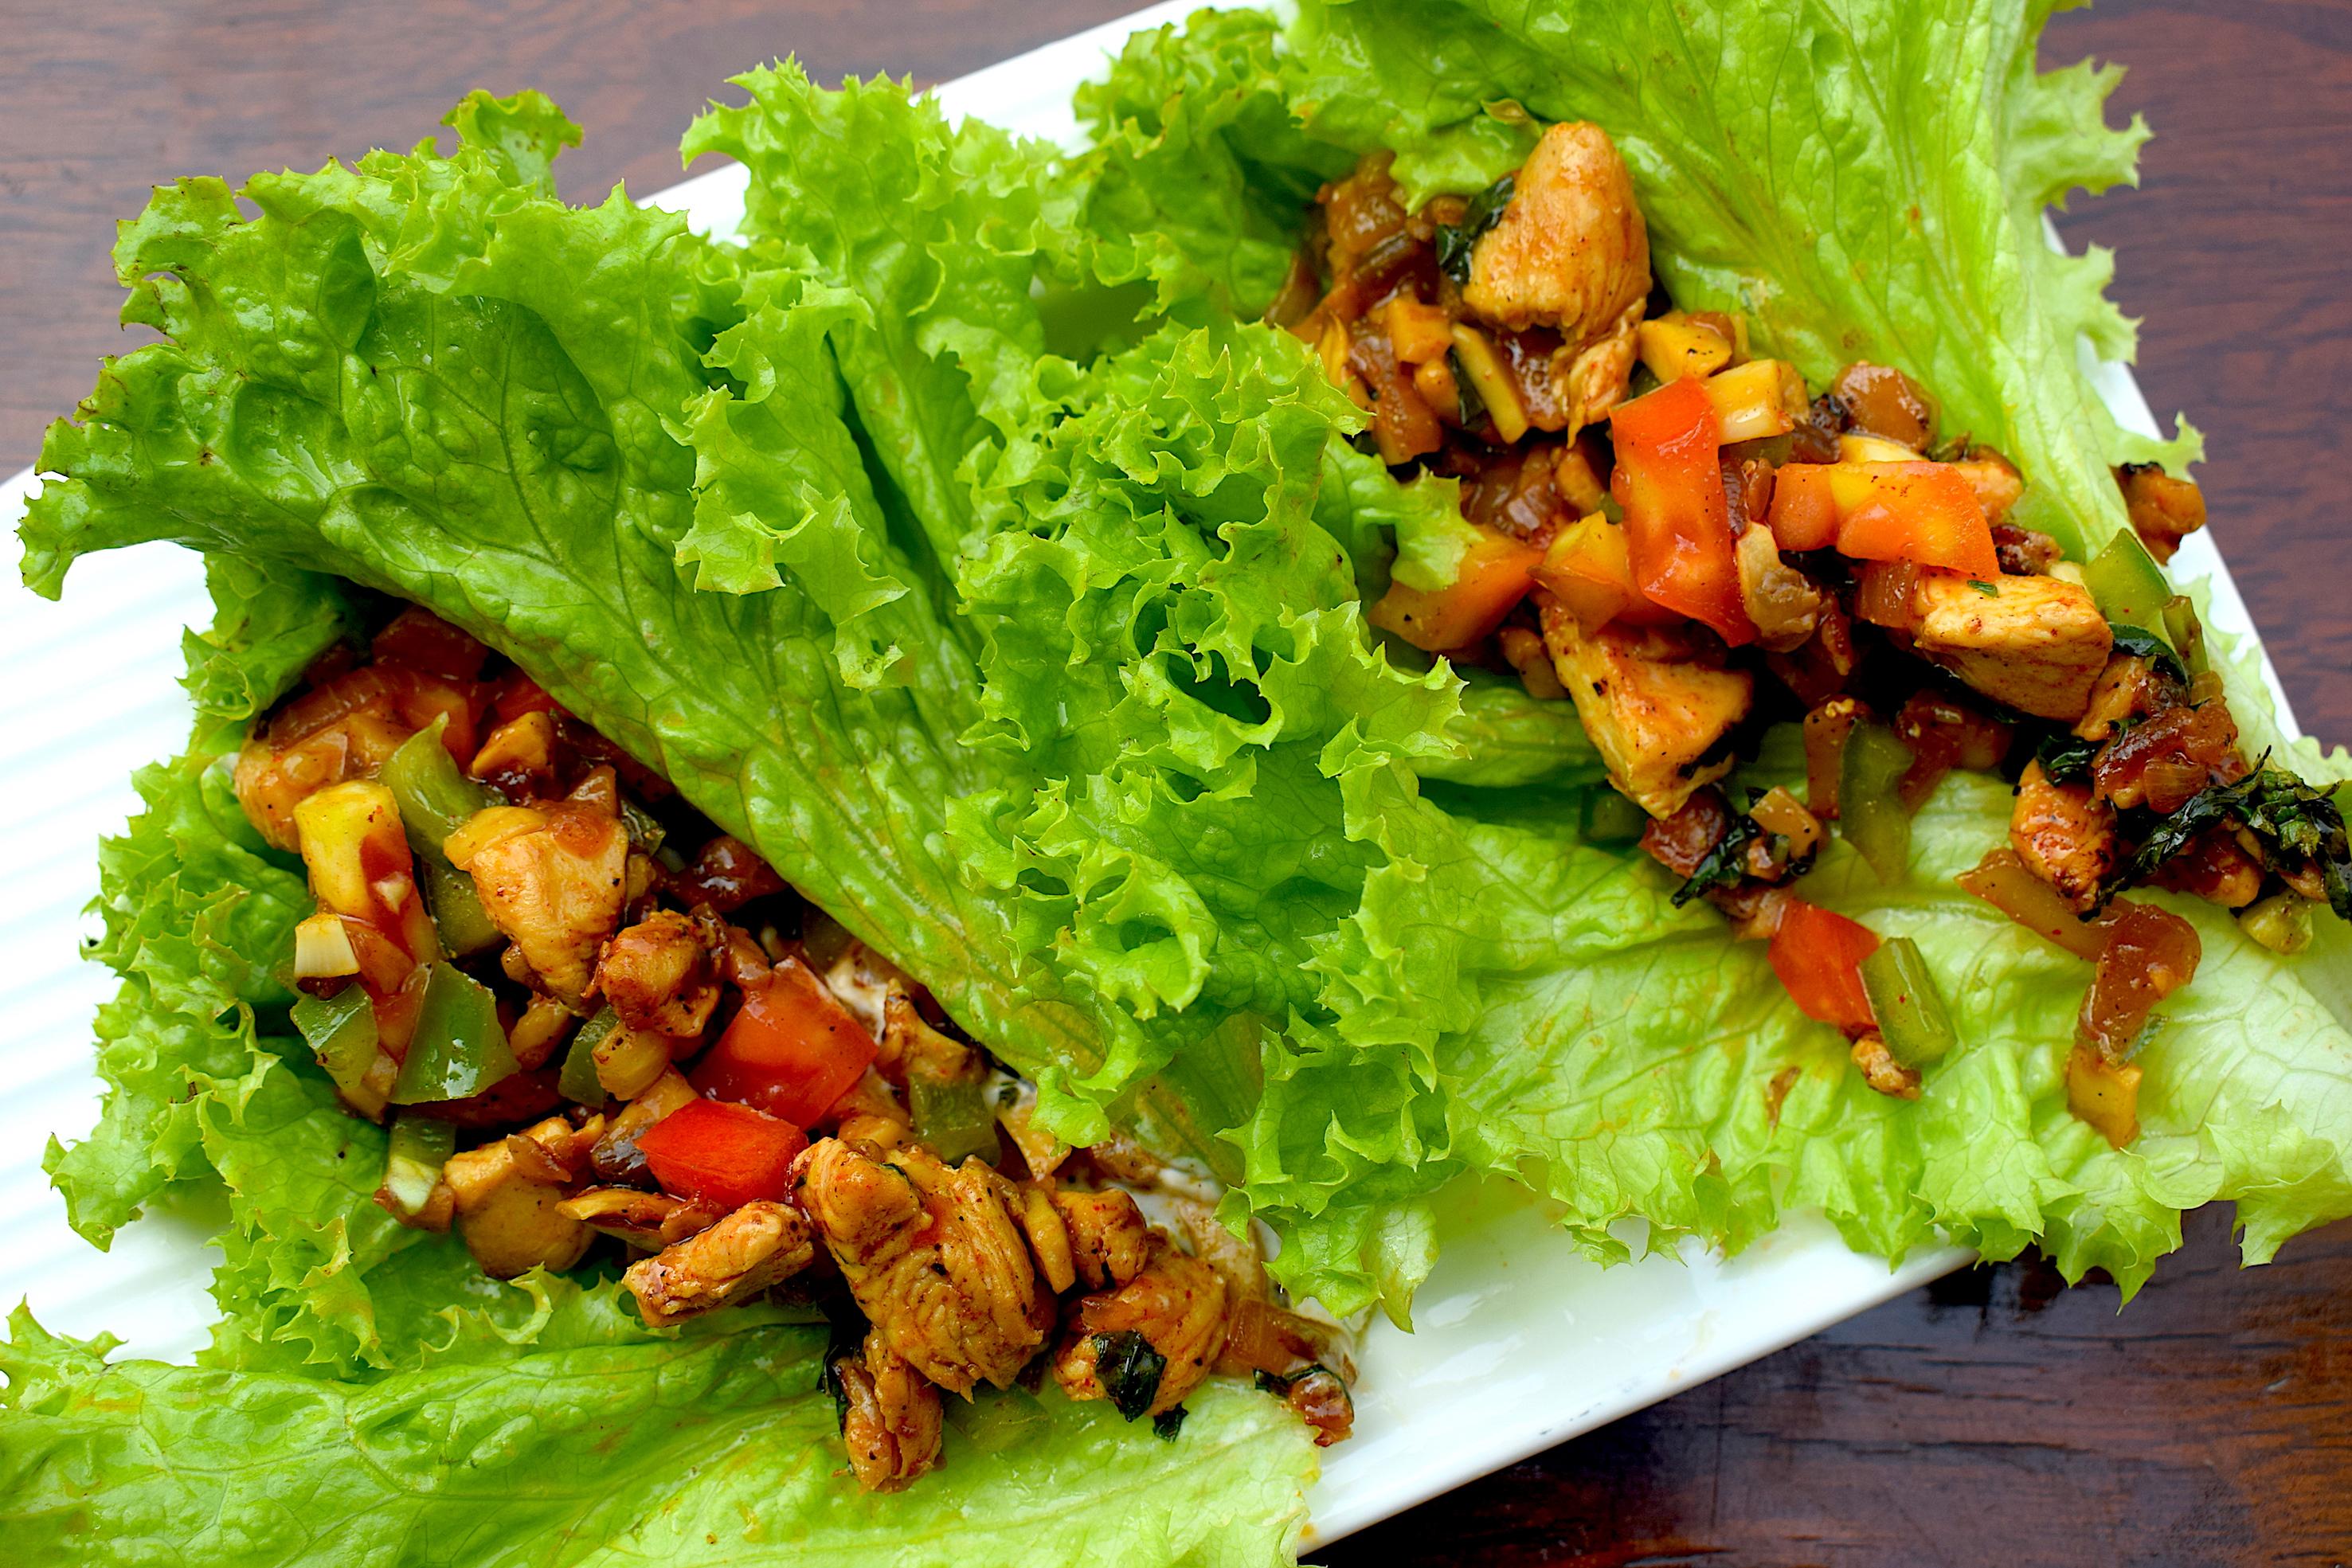 lettuce wraps diet food